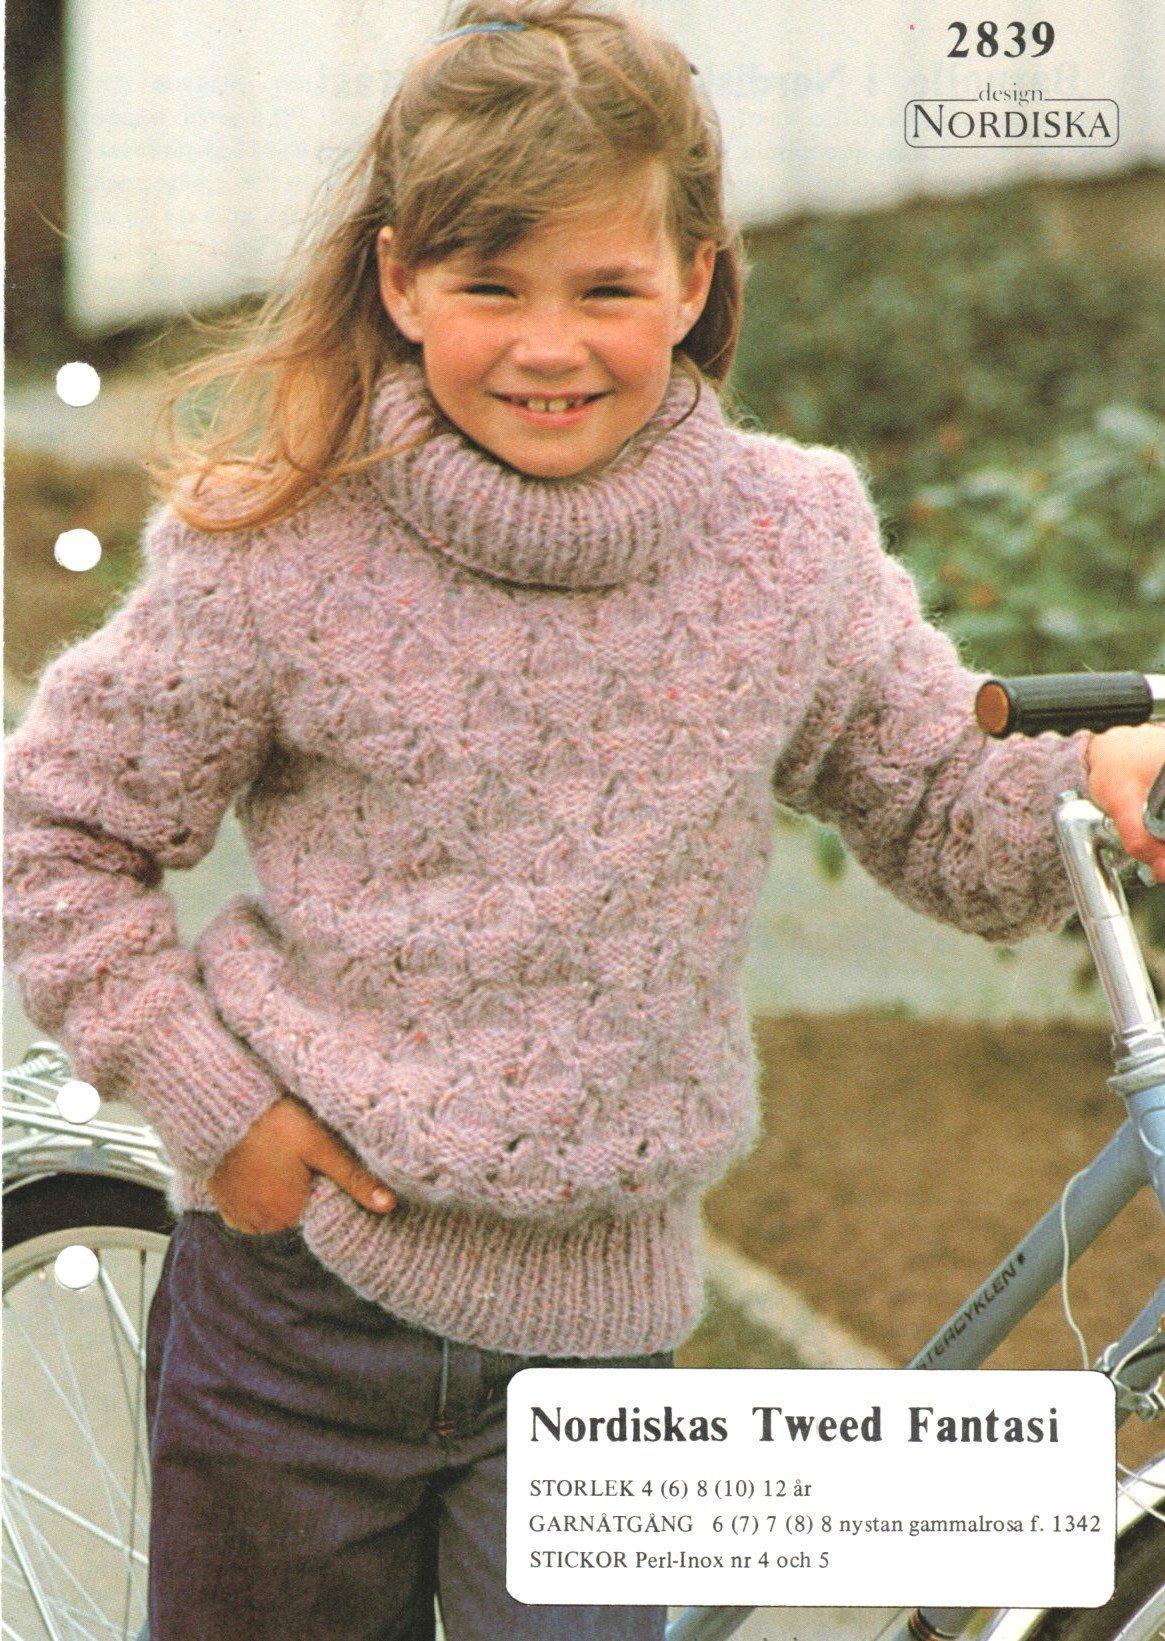 Stickmönster. Barntröjatjocktröja, storlek 4 12 år (ej färdigstickad tröja)